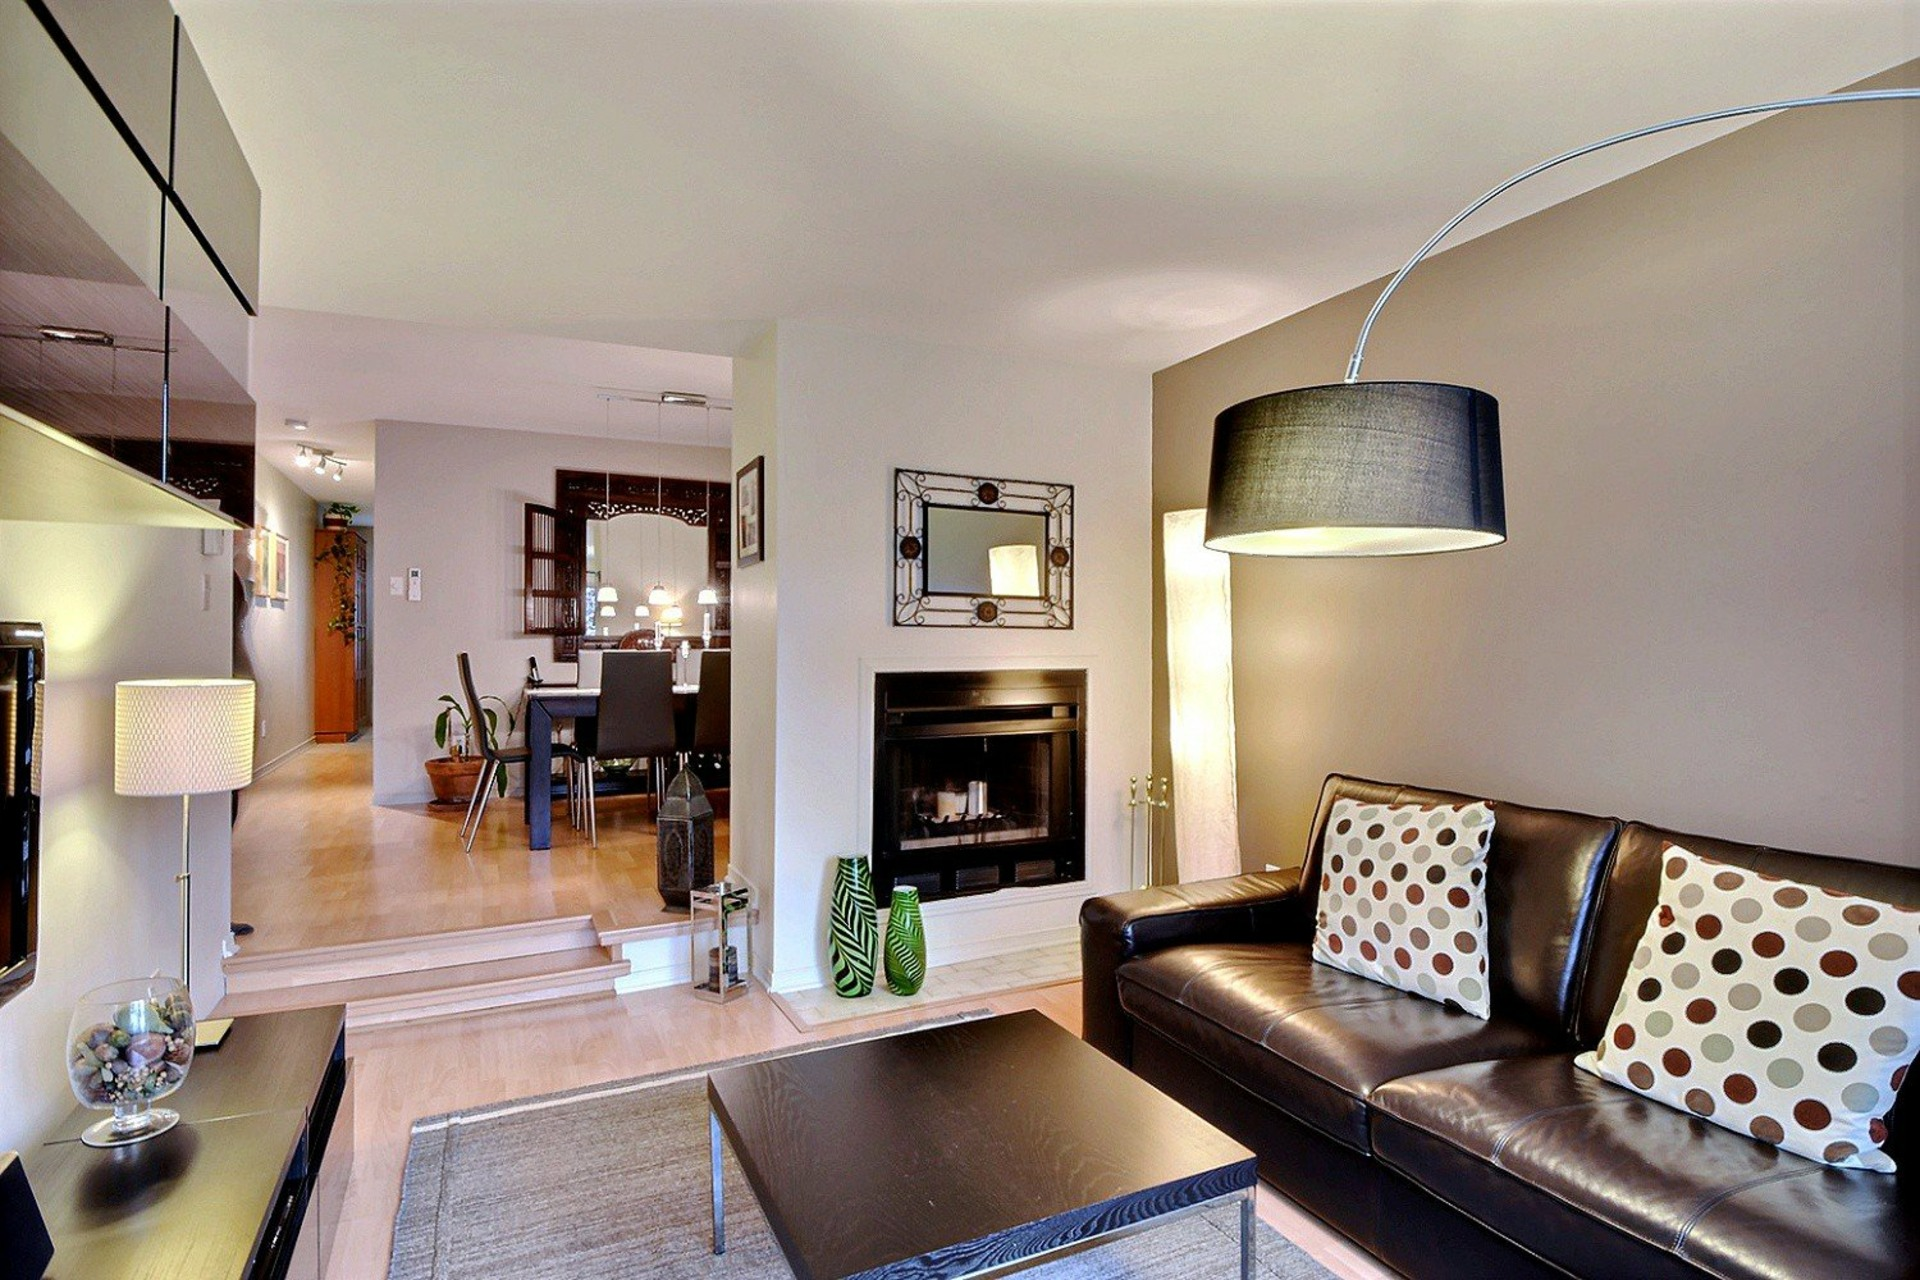 image 2 - Apartment For rent Montréal Le Sud-Ouest  - 5 rooms